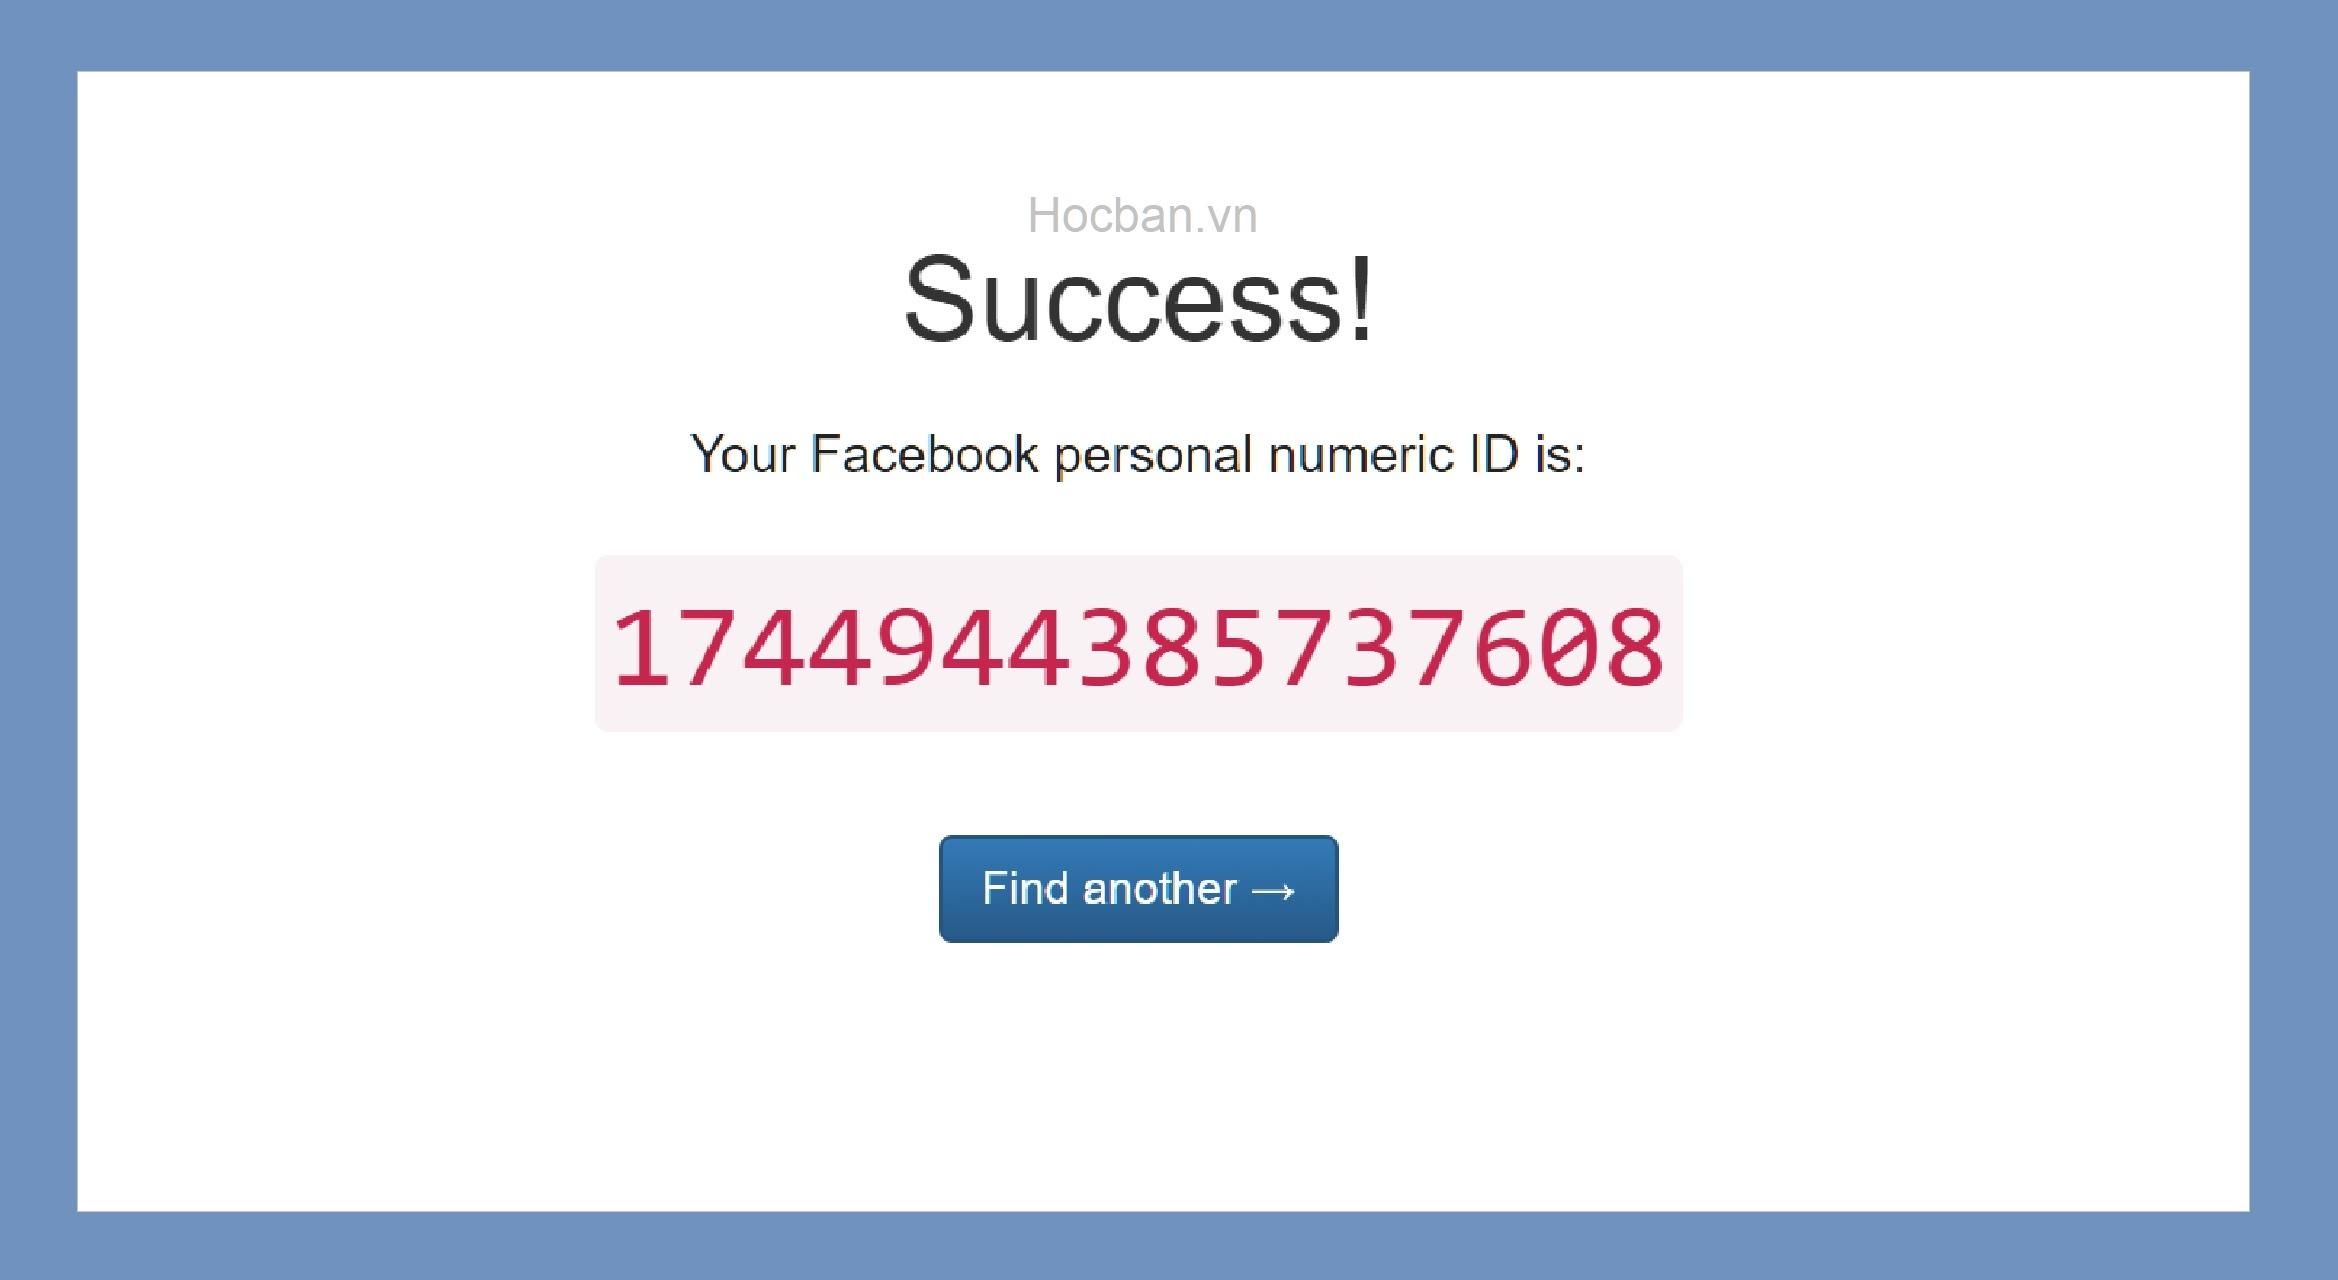 Ket qua tim ID Facebook Hocbanvn